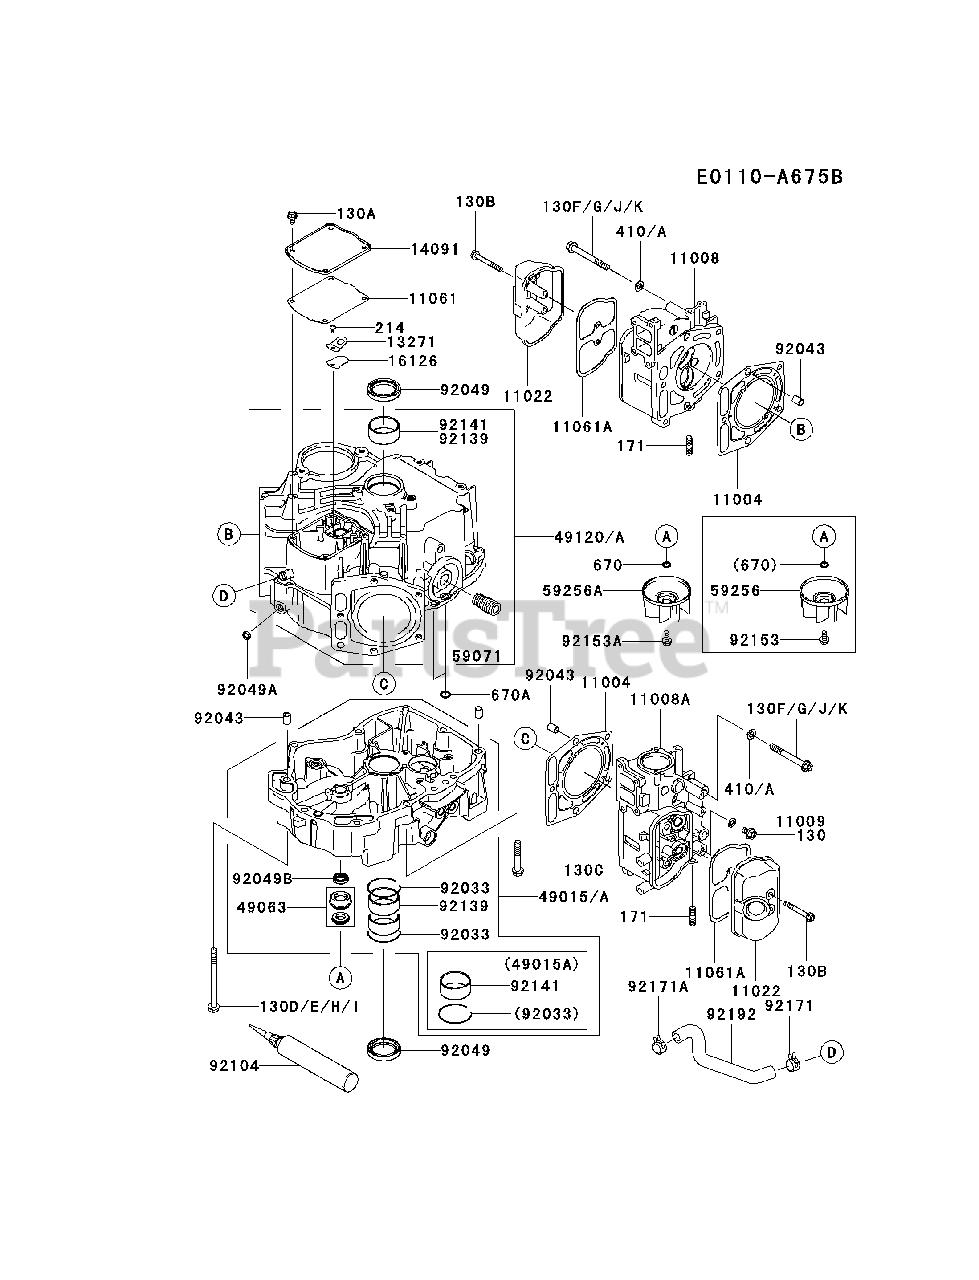 Kawasaki FD731V-AS04 - Kawasaki Engine CYLINDER/CRANKCASE Parts Lookup with  Diagrams   PartsTreePartsTree